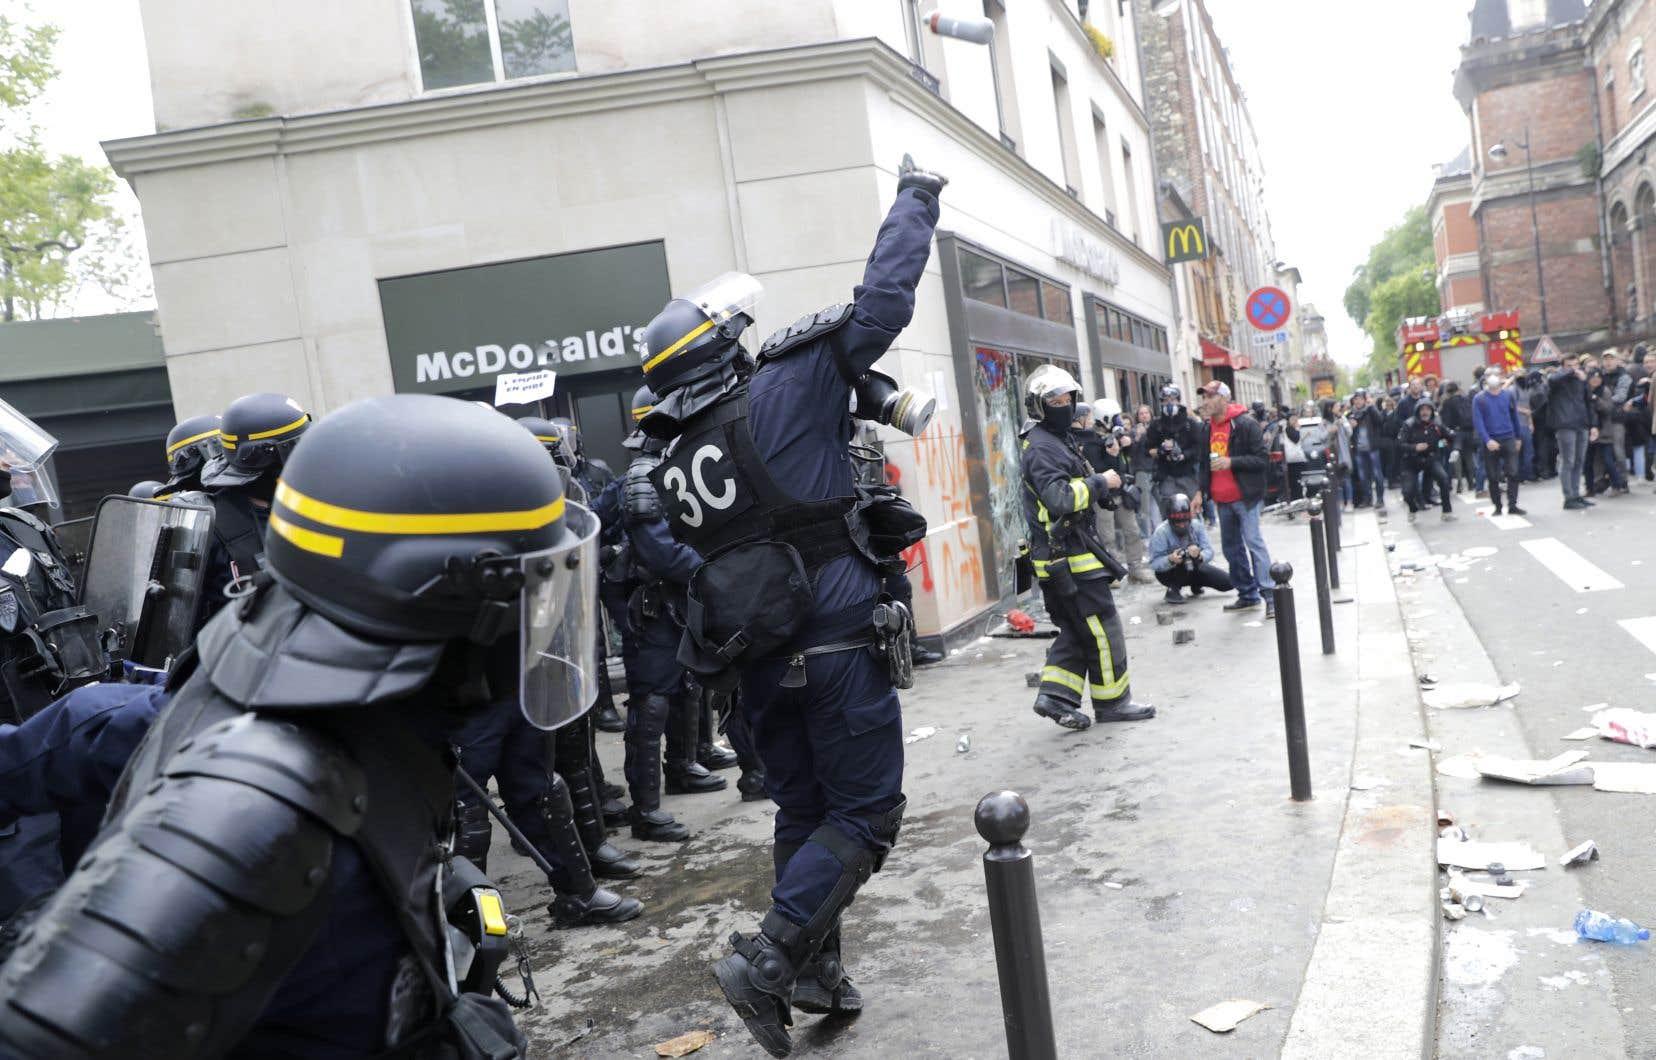 À gauche comme à droite, de nombreuses voix ont regretté que la police ait tardé à intervenir face aux casseurs.